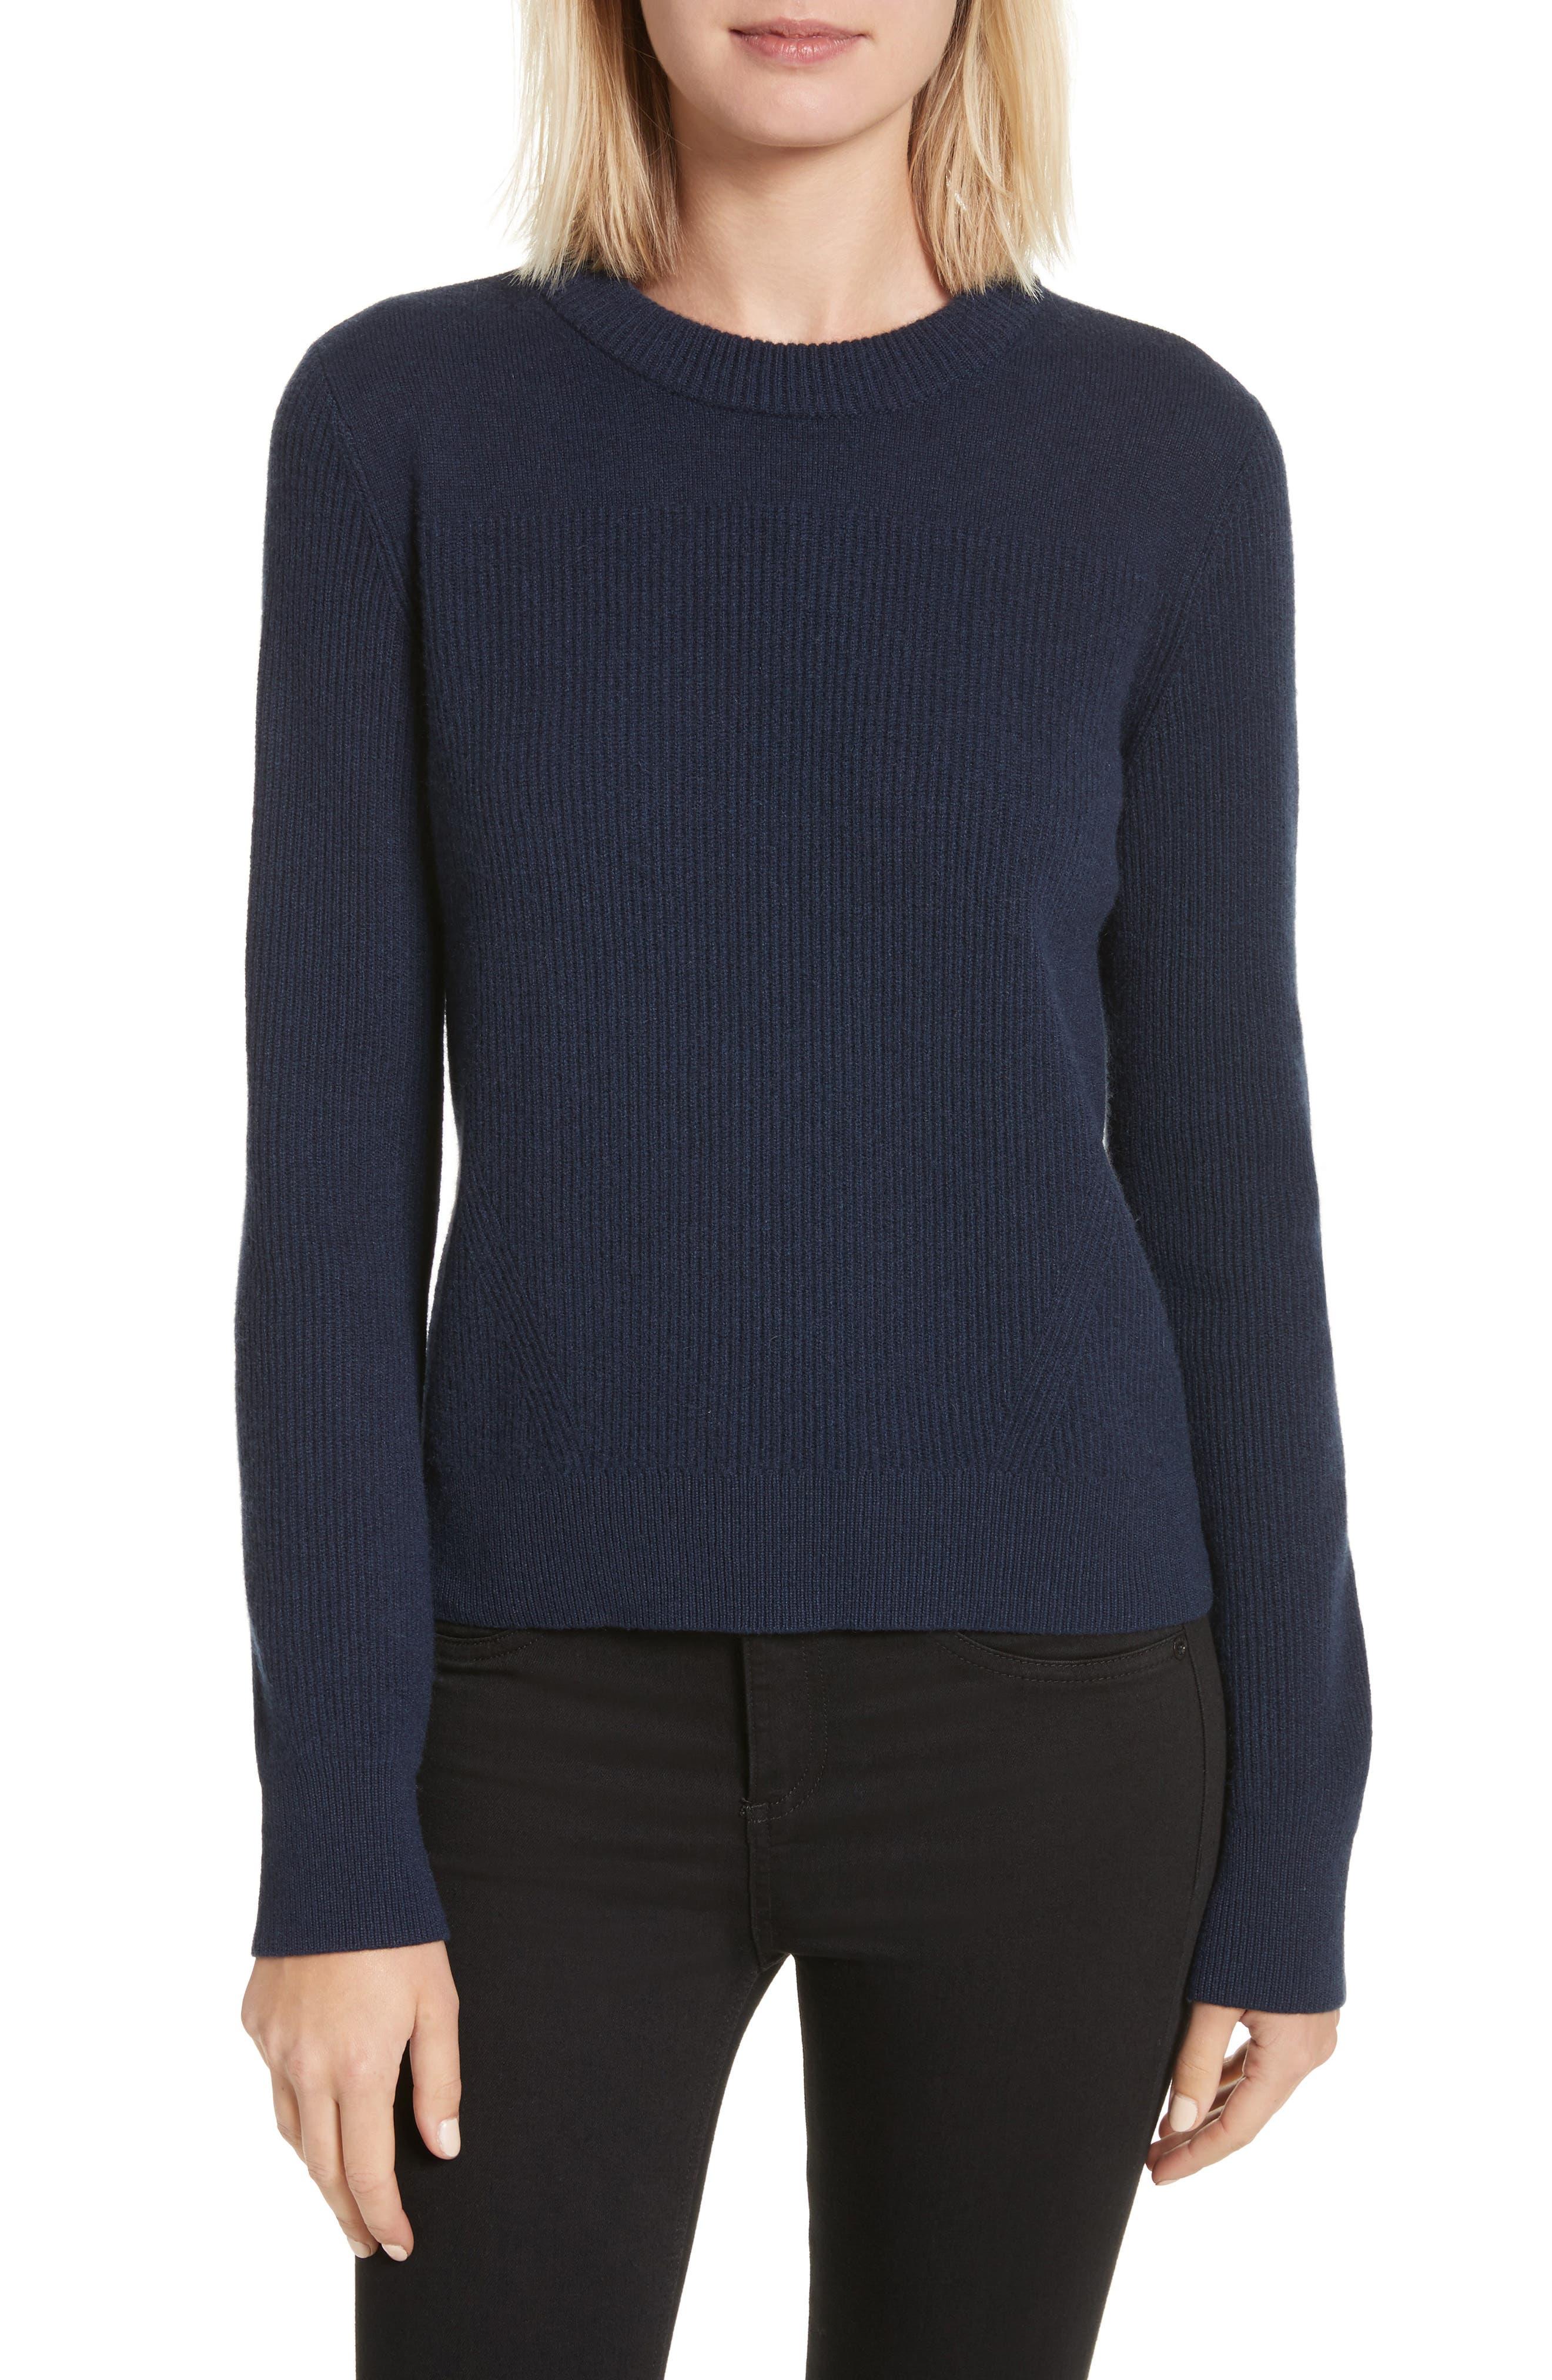 Ace Cashmere Crop Sweater,                         Main,                         color, 410